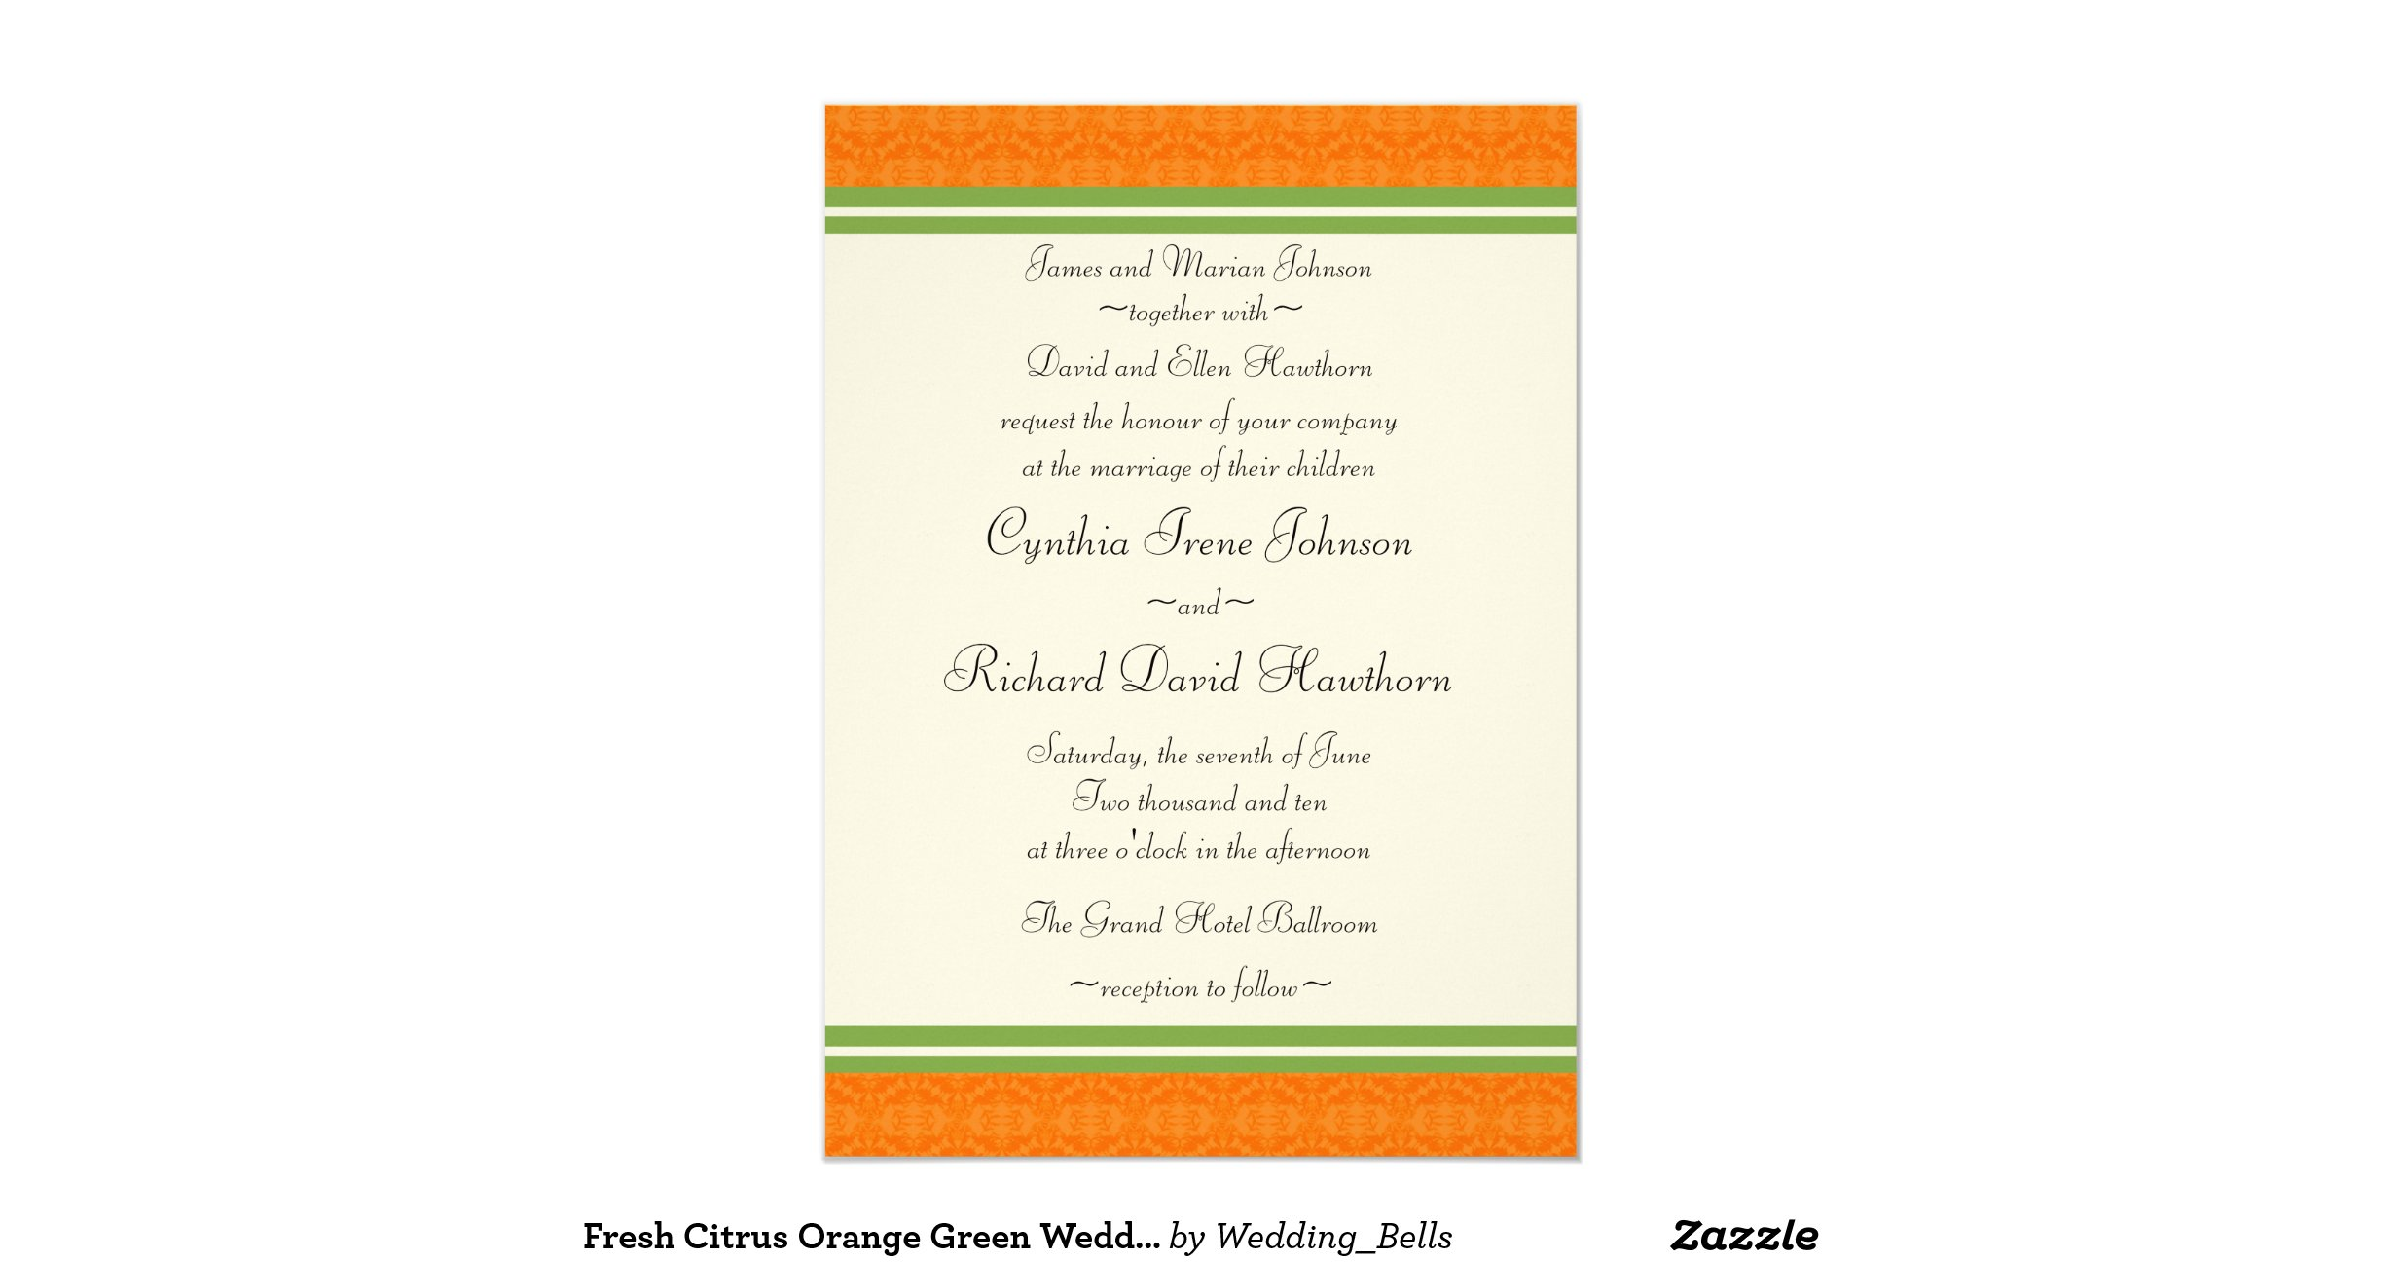 Fresh Citrus Orange Green Wedding Invitations R5e84e87754e14d8d8f961729c615bf32 Zkrqe 1200